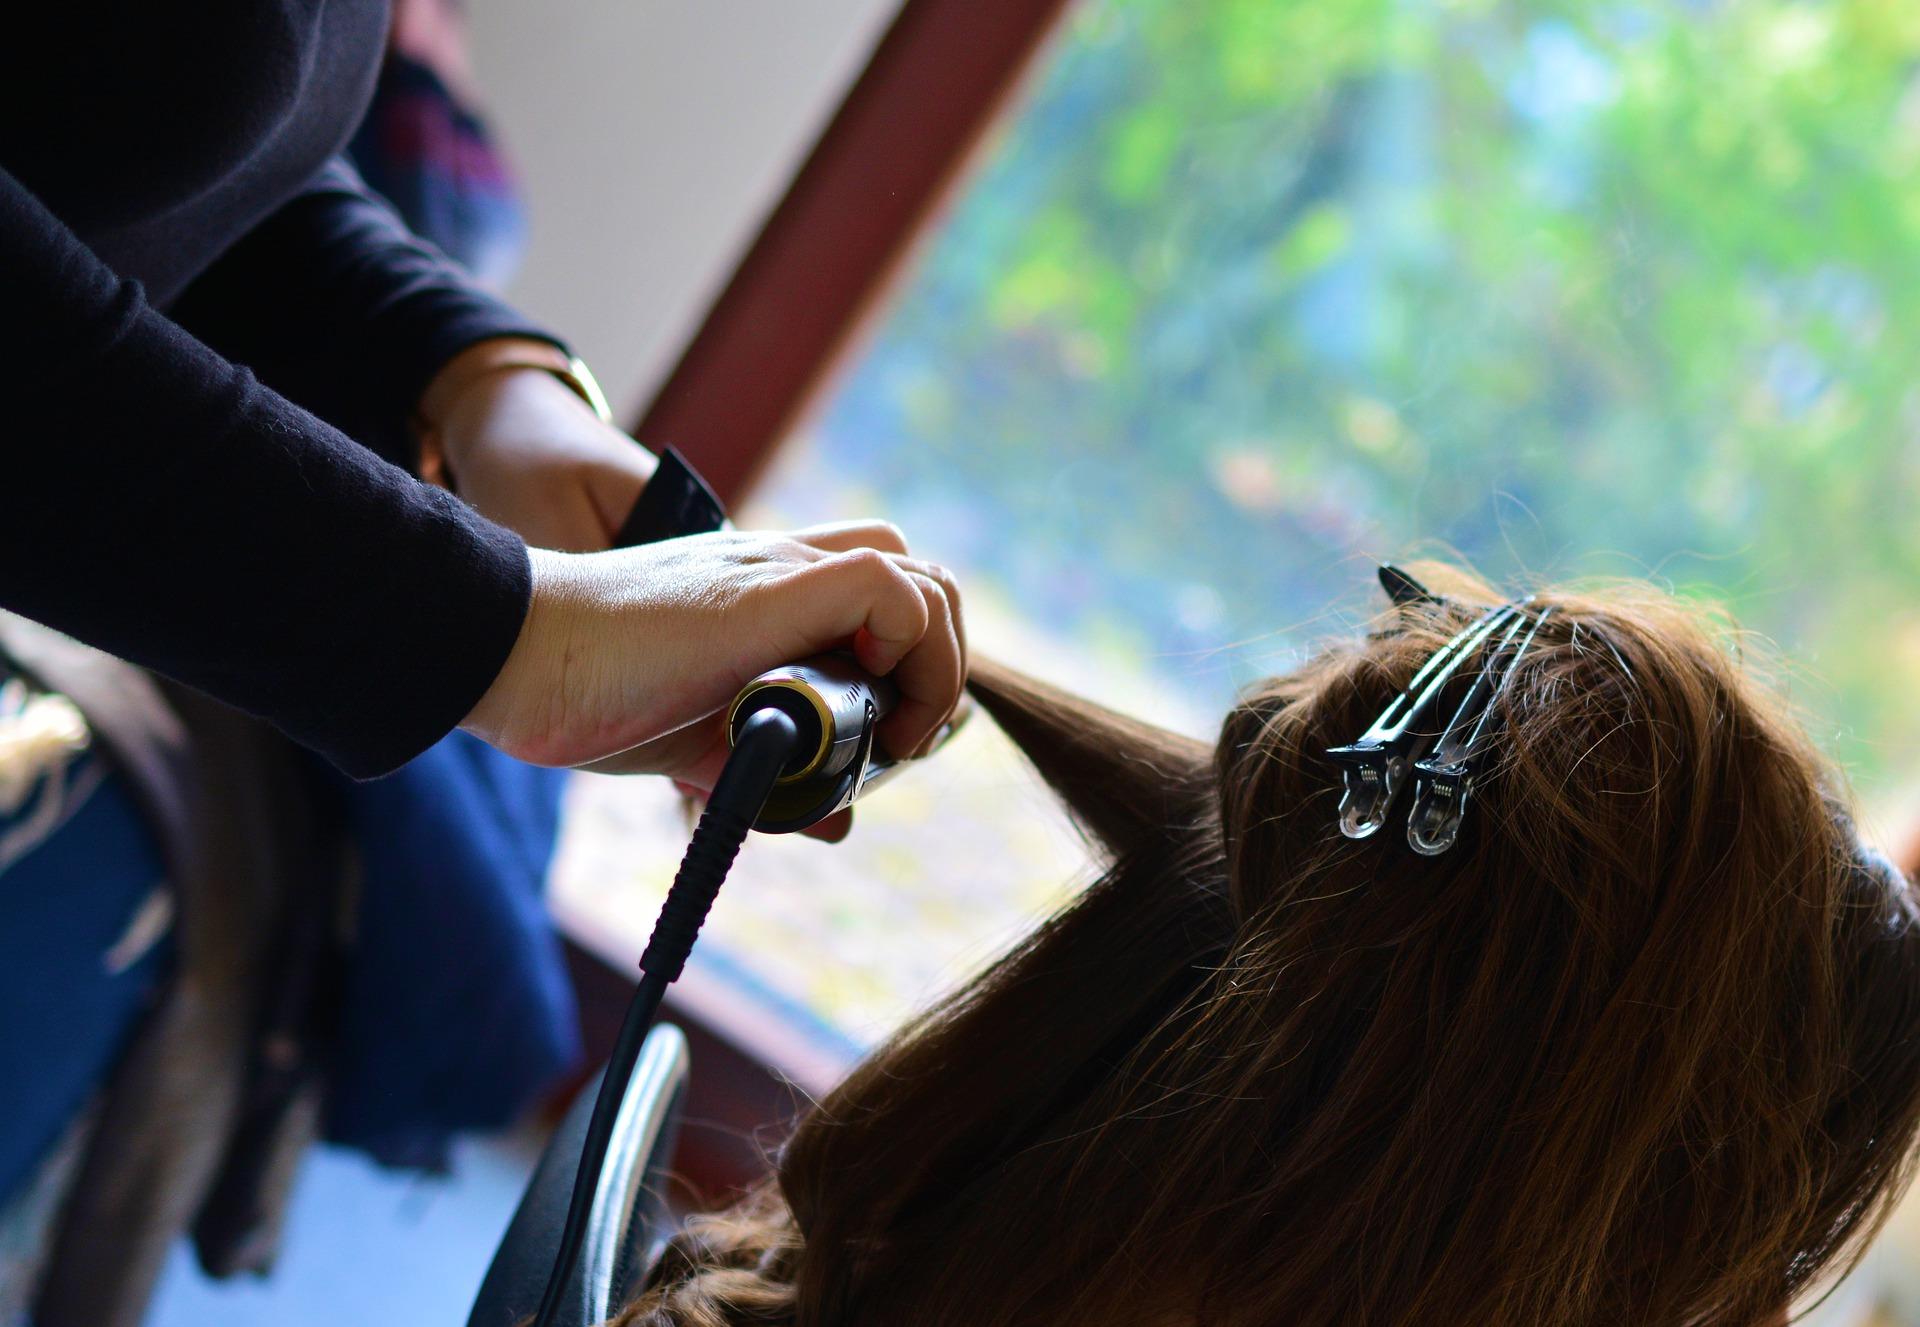 cabeleireira alisando o cabelo de uma mulher com chapinha